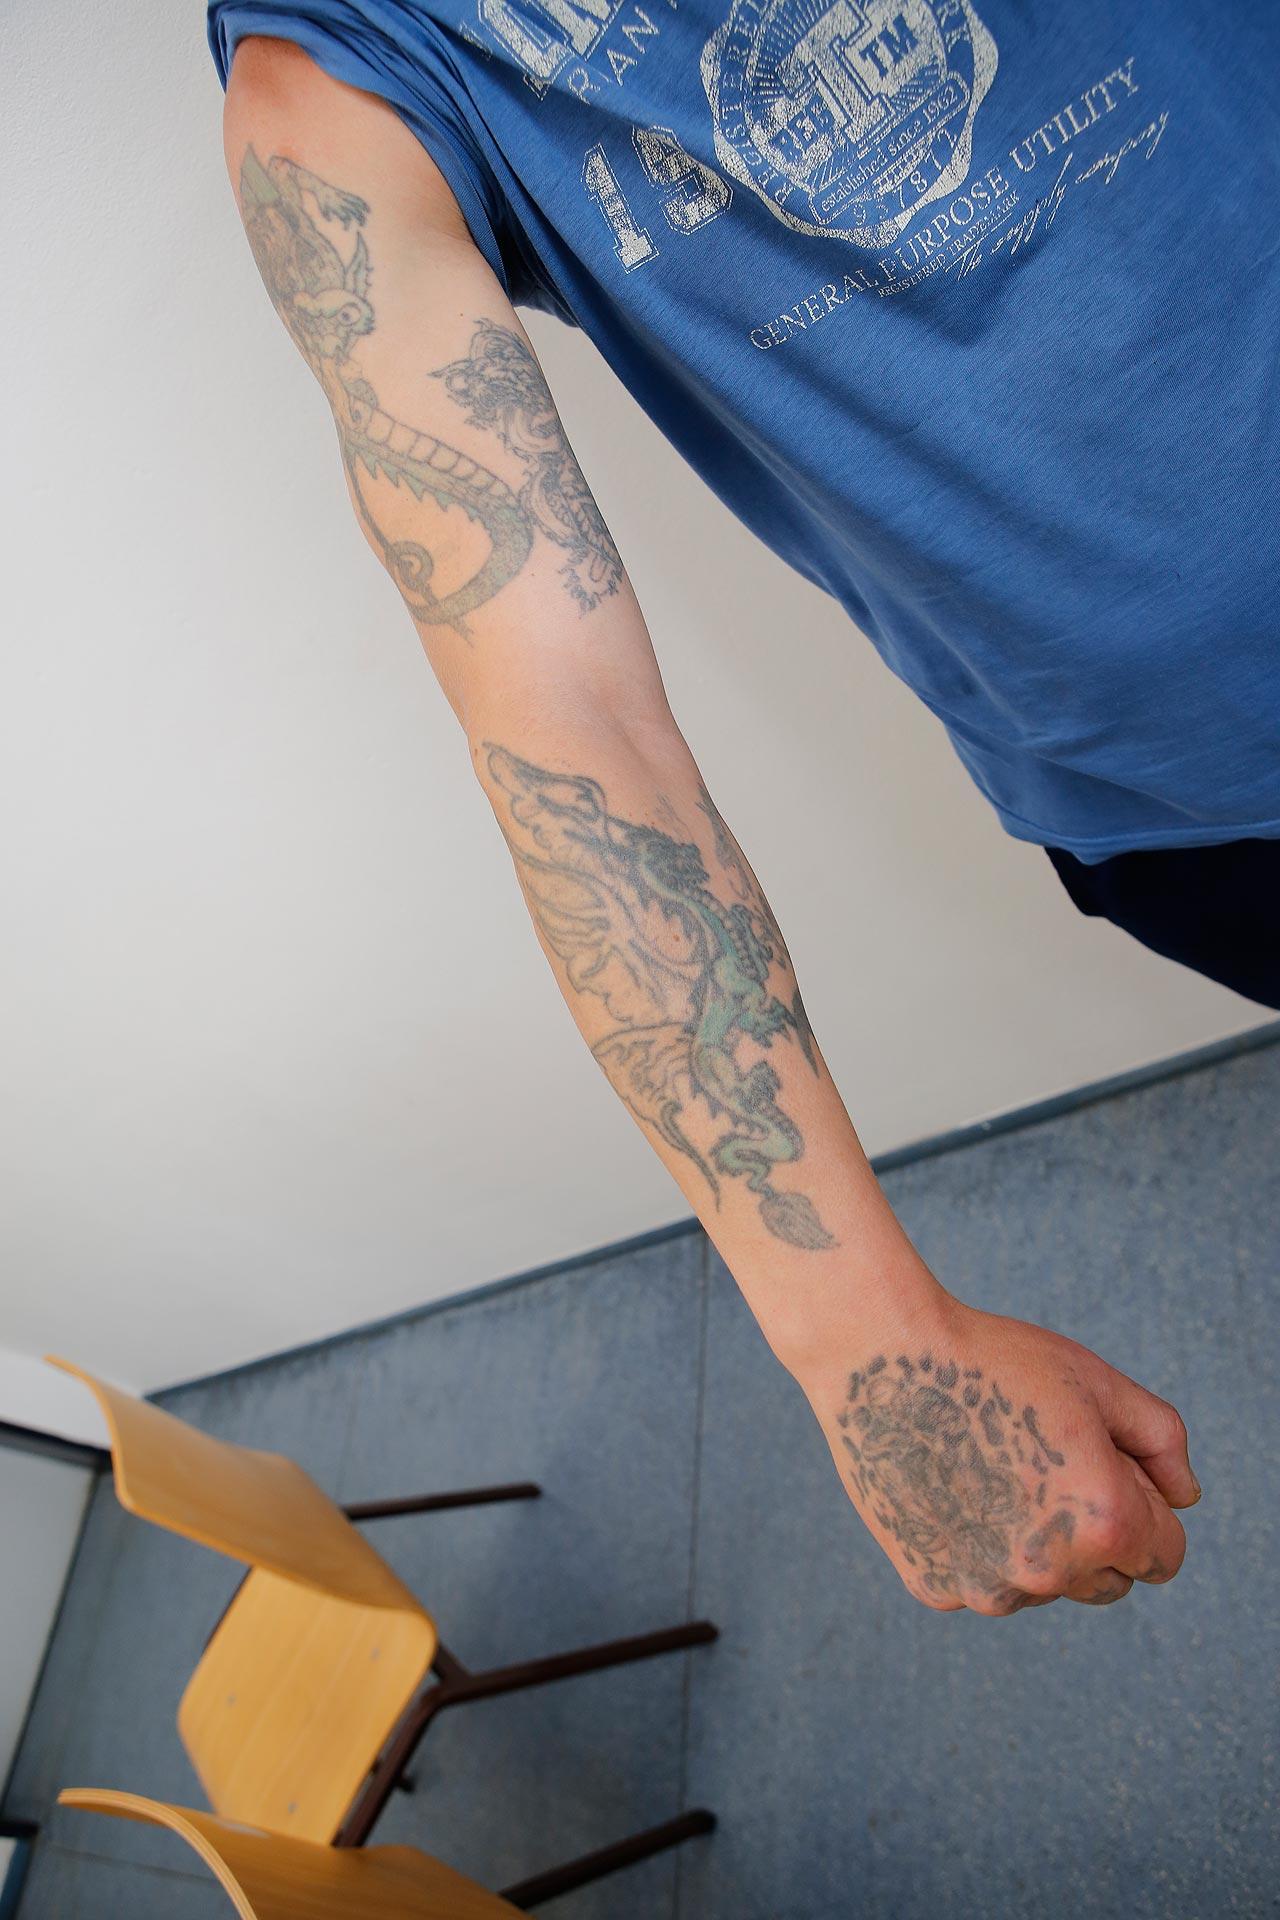 Hang zum Düsteren: Die Tätowierungen von Sven B. sind Ausdruck seiner negativen Lebenseinstellung.